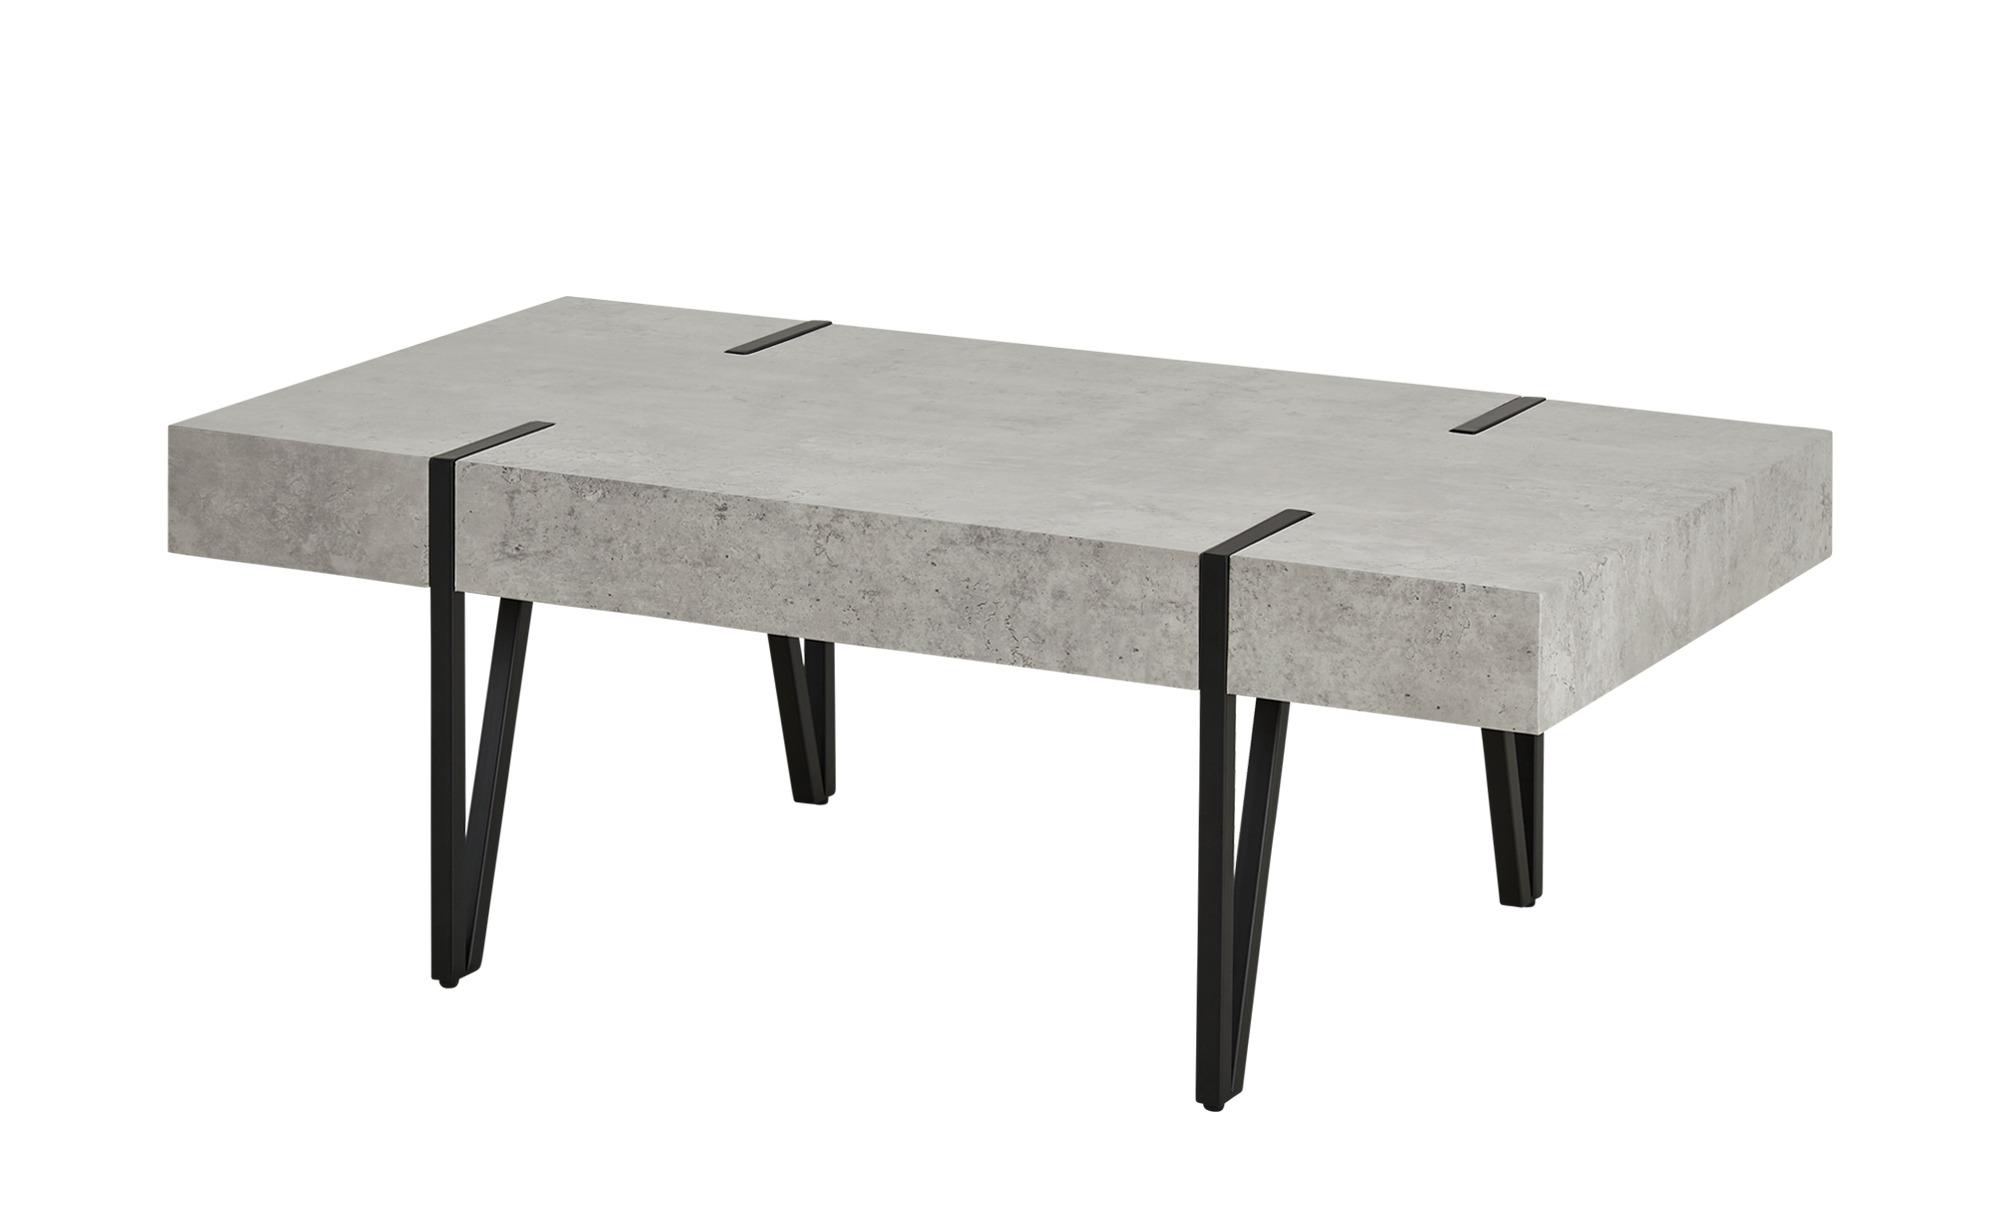 Couchtisch Gorgo ¦ grau ¦ Maße (cm): B: 60 H: 40 Tische > Couchtische >  Couchtische rechteckig - Höffner